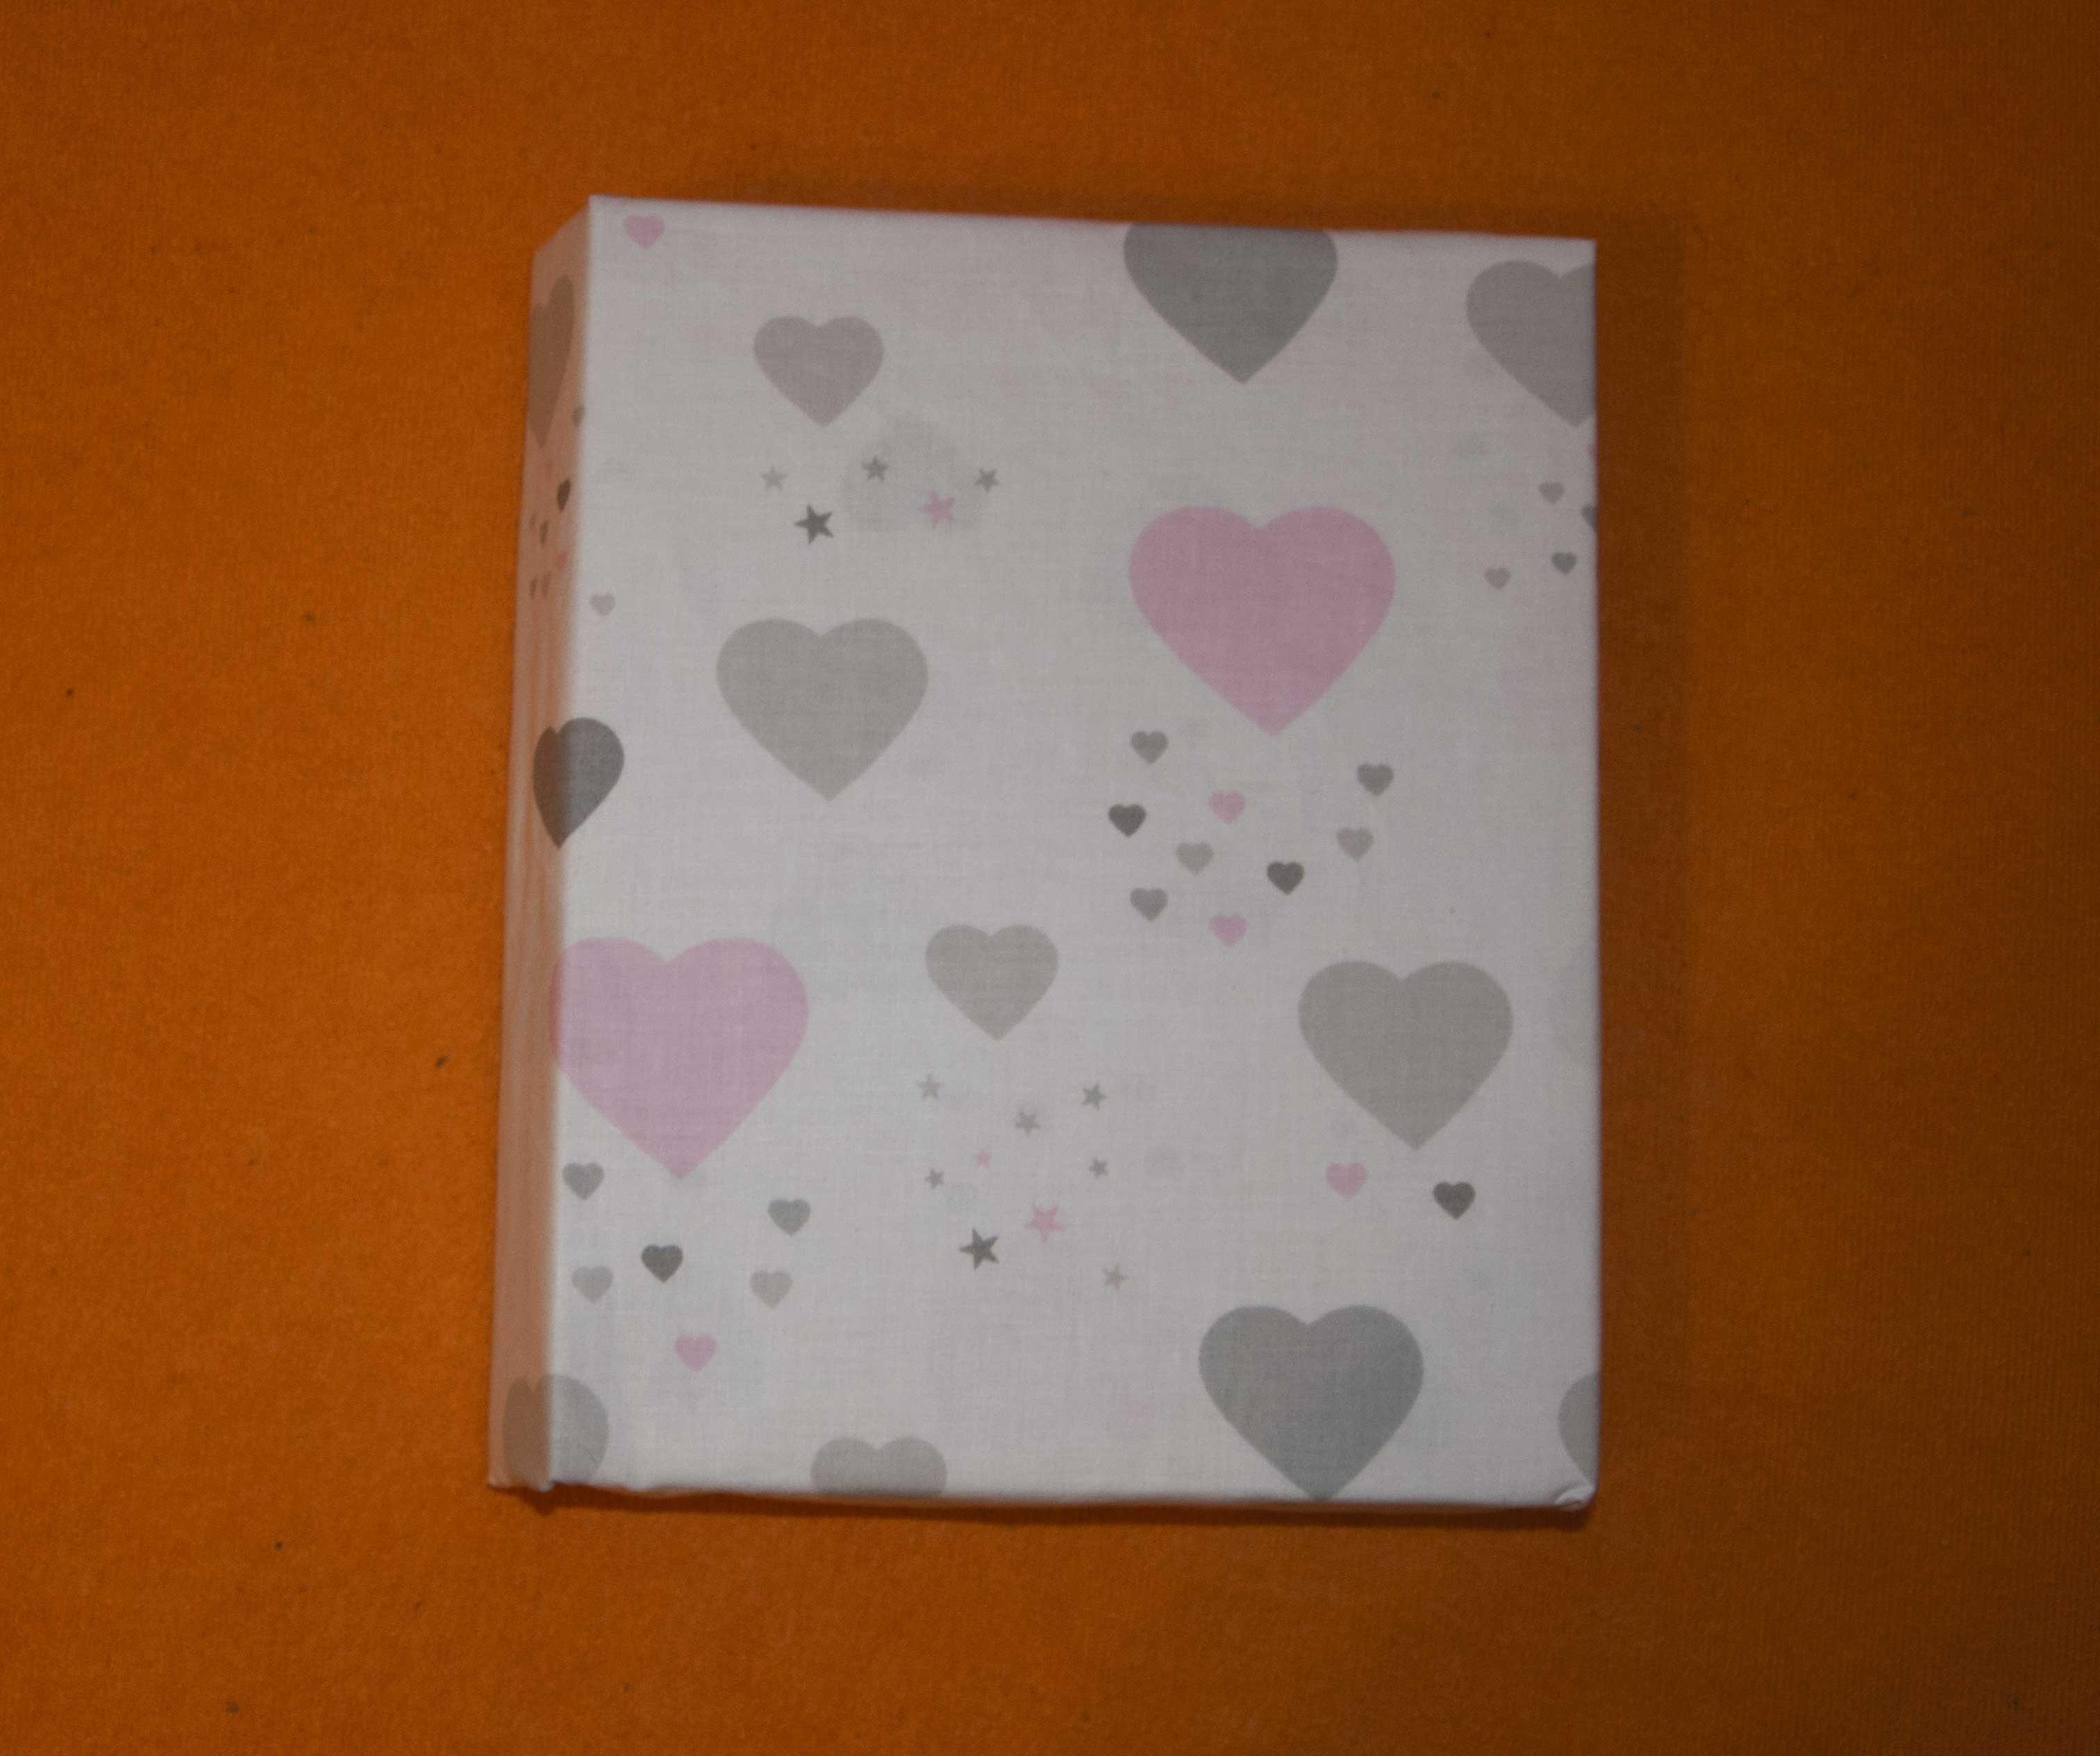 Bavlnìné prostìradlo 120x60 cm bílé s šedo-rùžovými srdíèky - zvìtšit obrázek